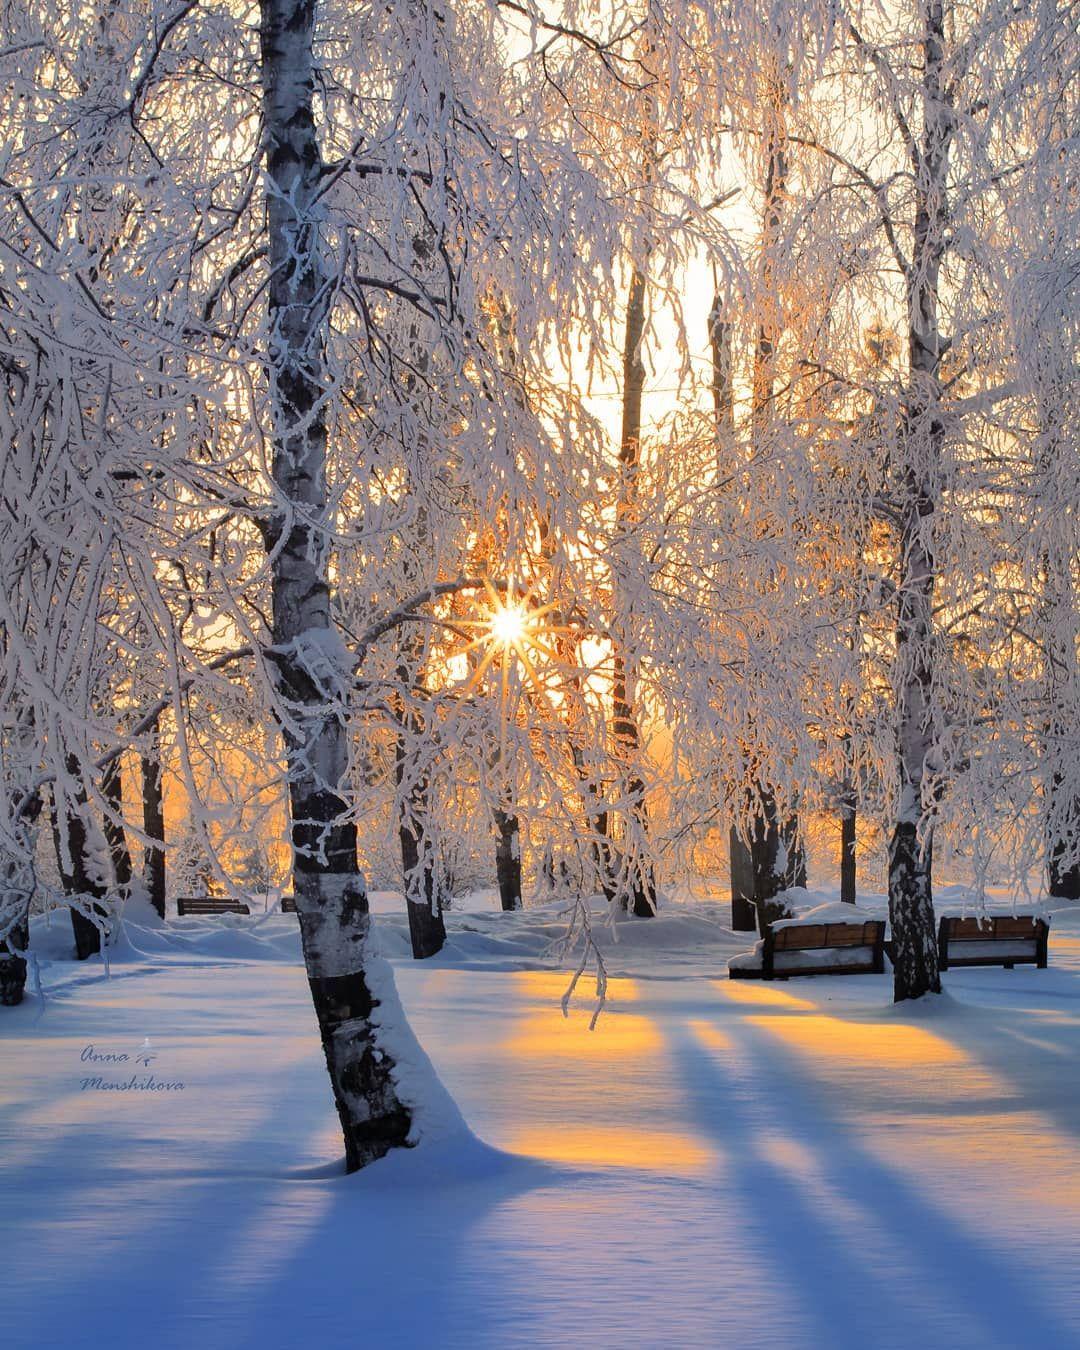 графике картинки красота русской зимы видеокамера жирной